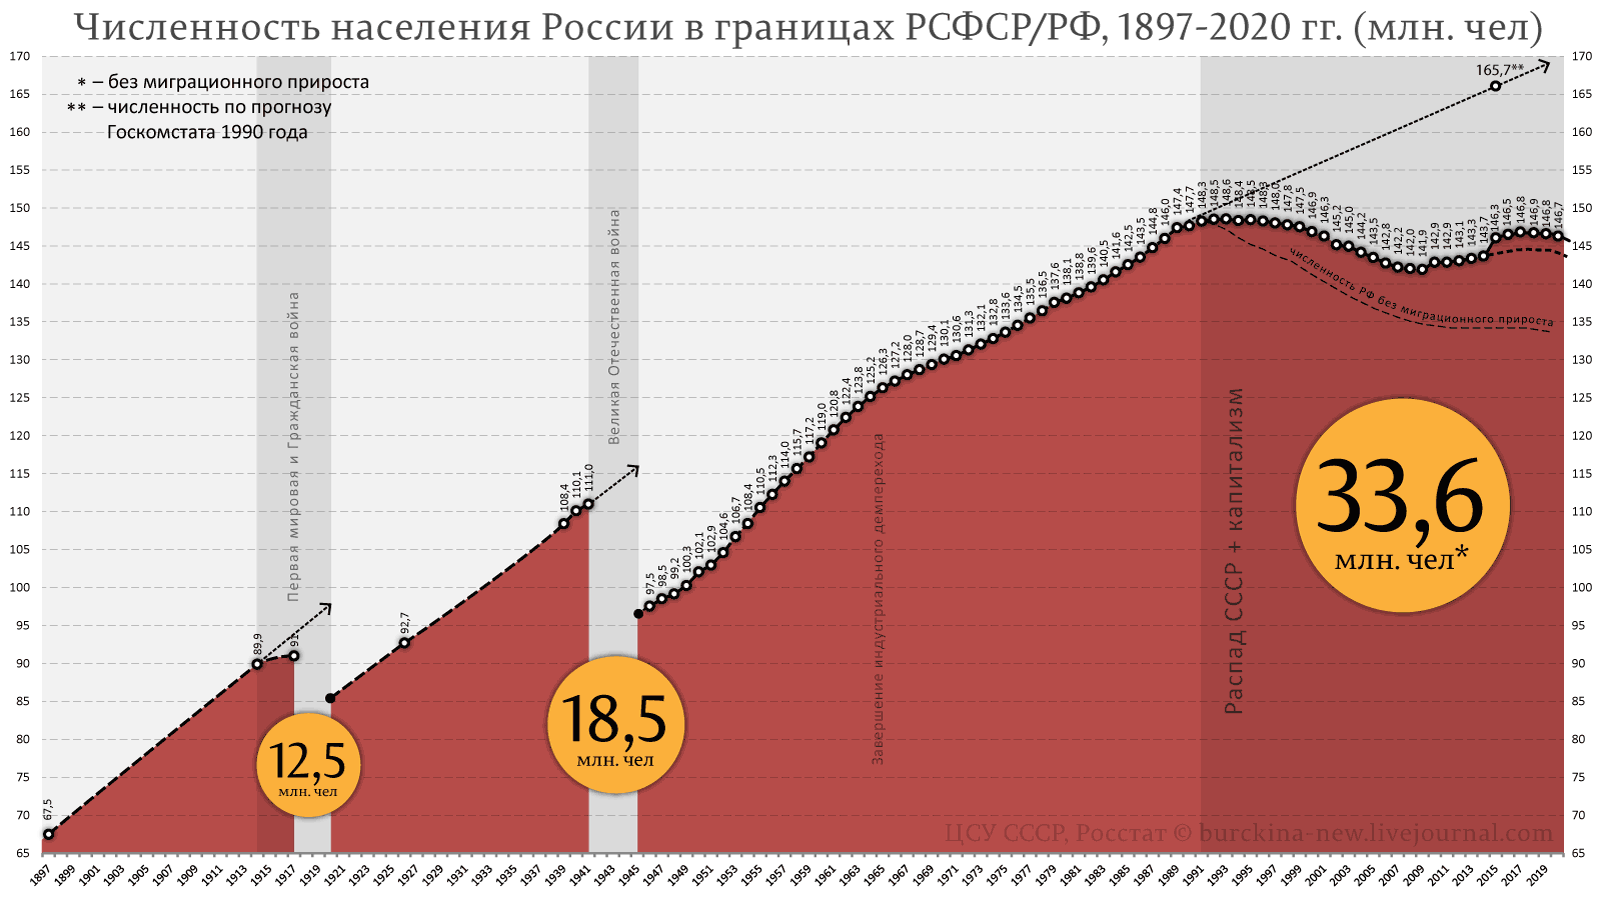 О некотором сходстве политики Путина и Гитлера